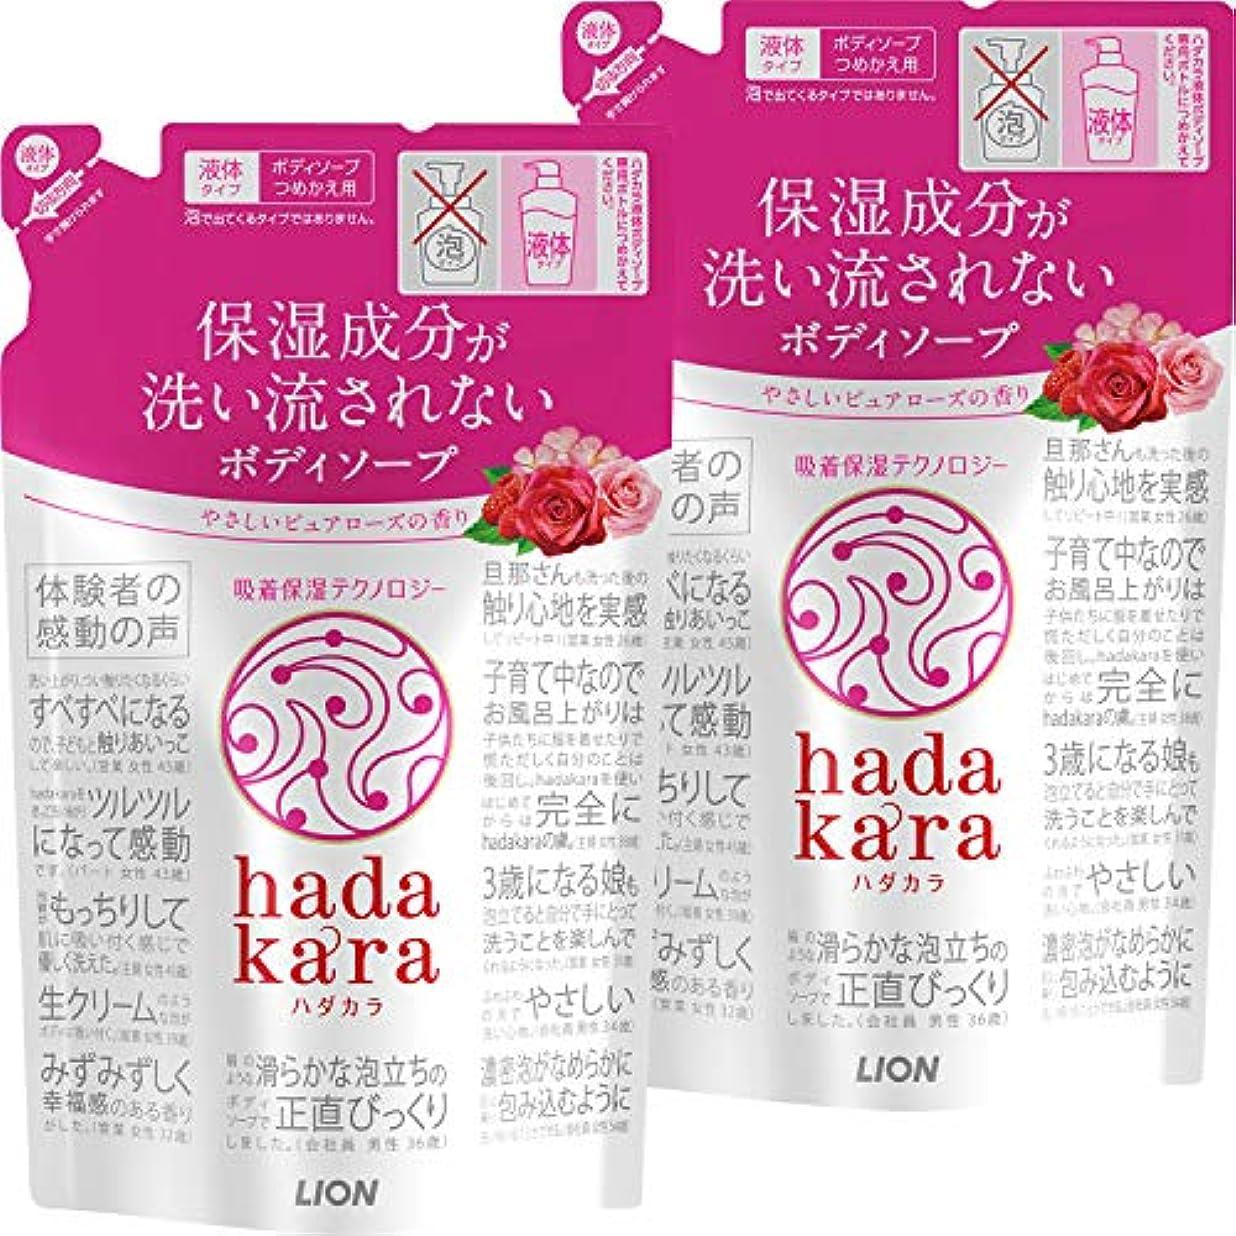 肉屋休憩する攻撃的【まとめ買い】hadakara(ハダカラ) ボディソープ ピュアローズの香り 詰め替え 360ml×2個パック